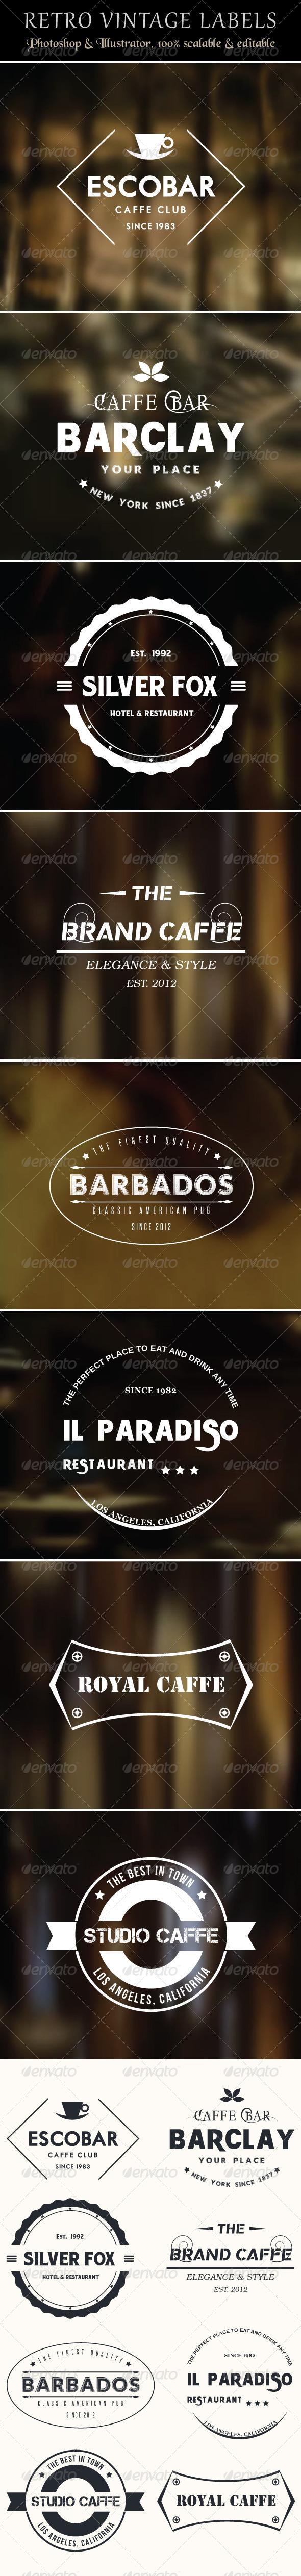 Retro Vintage Labels - Badges & Stickers Web Elements